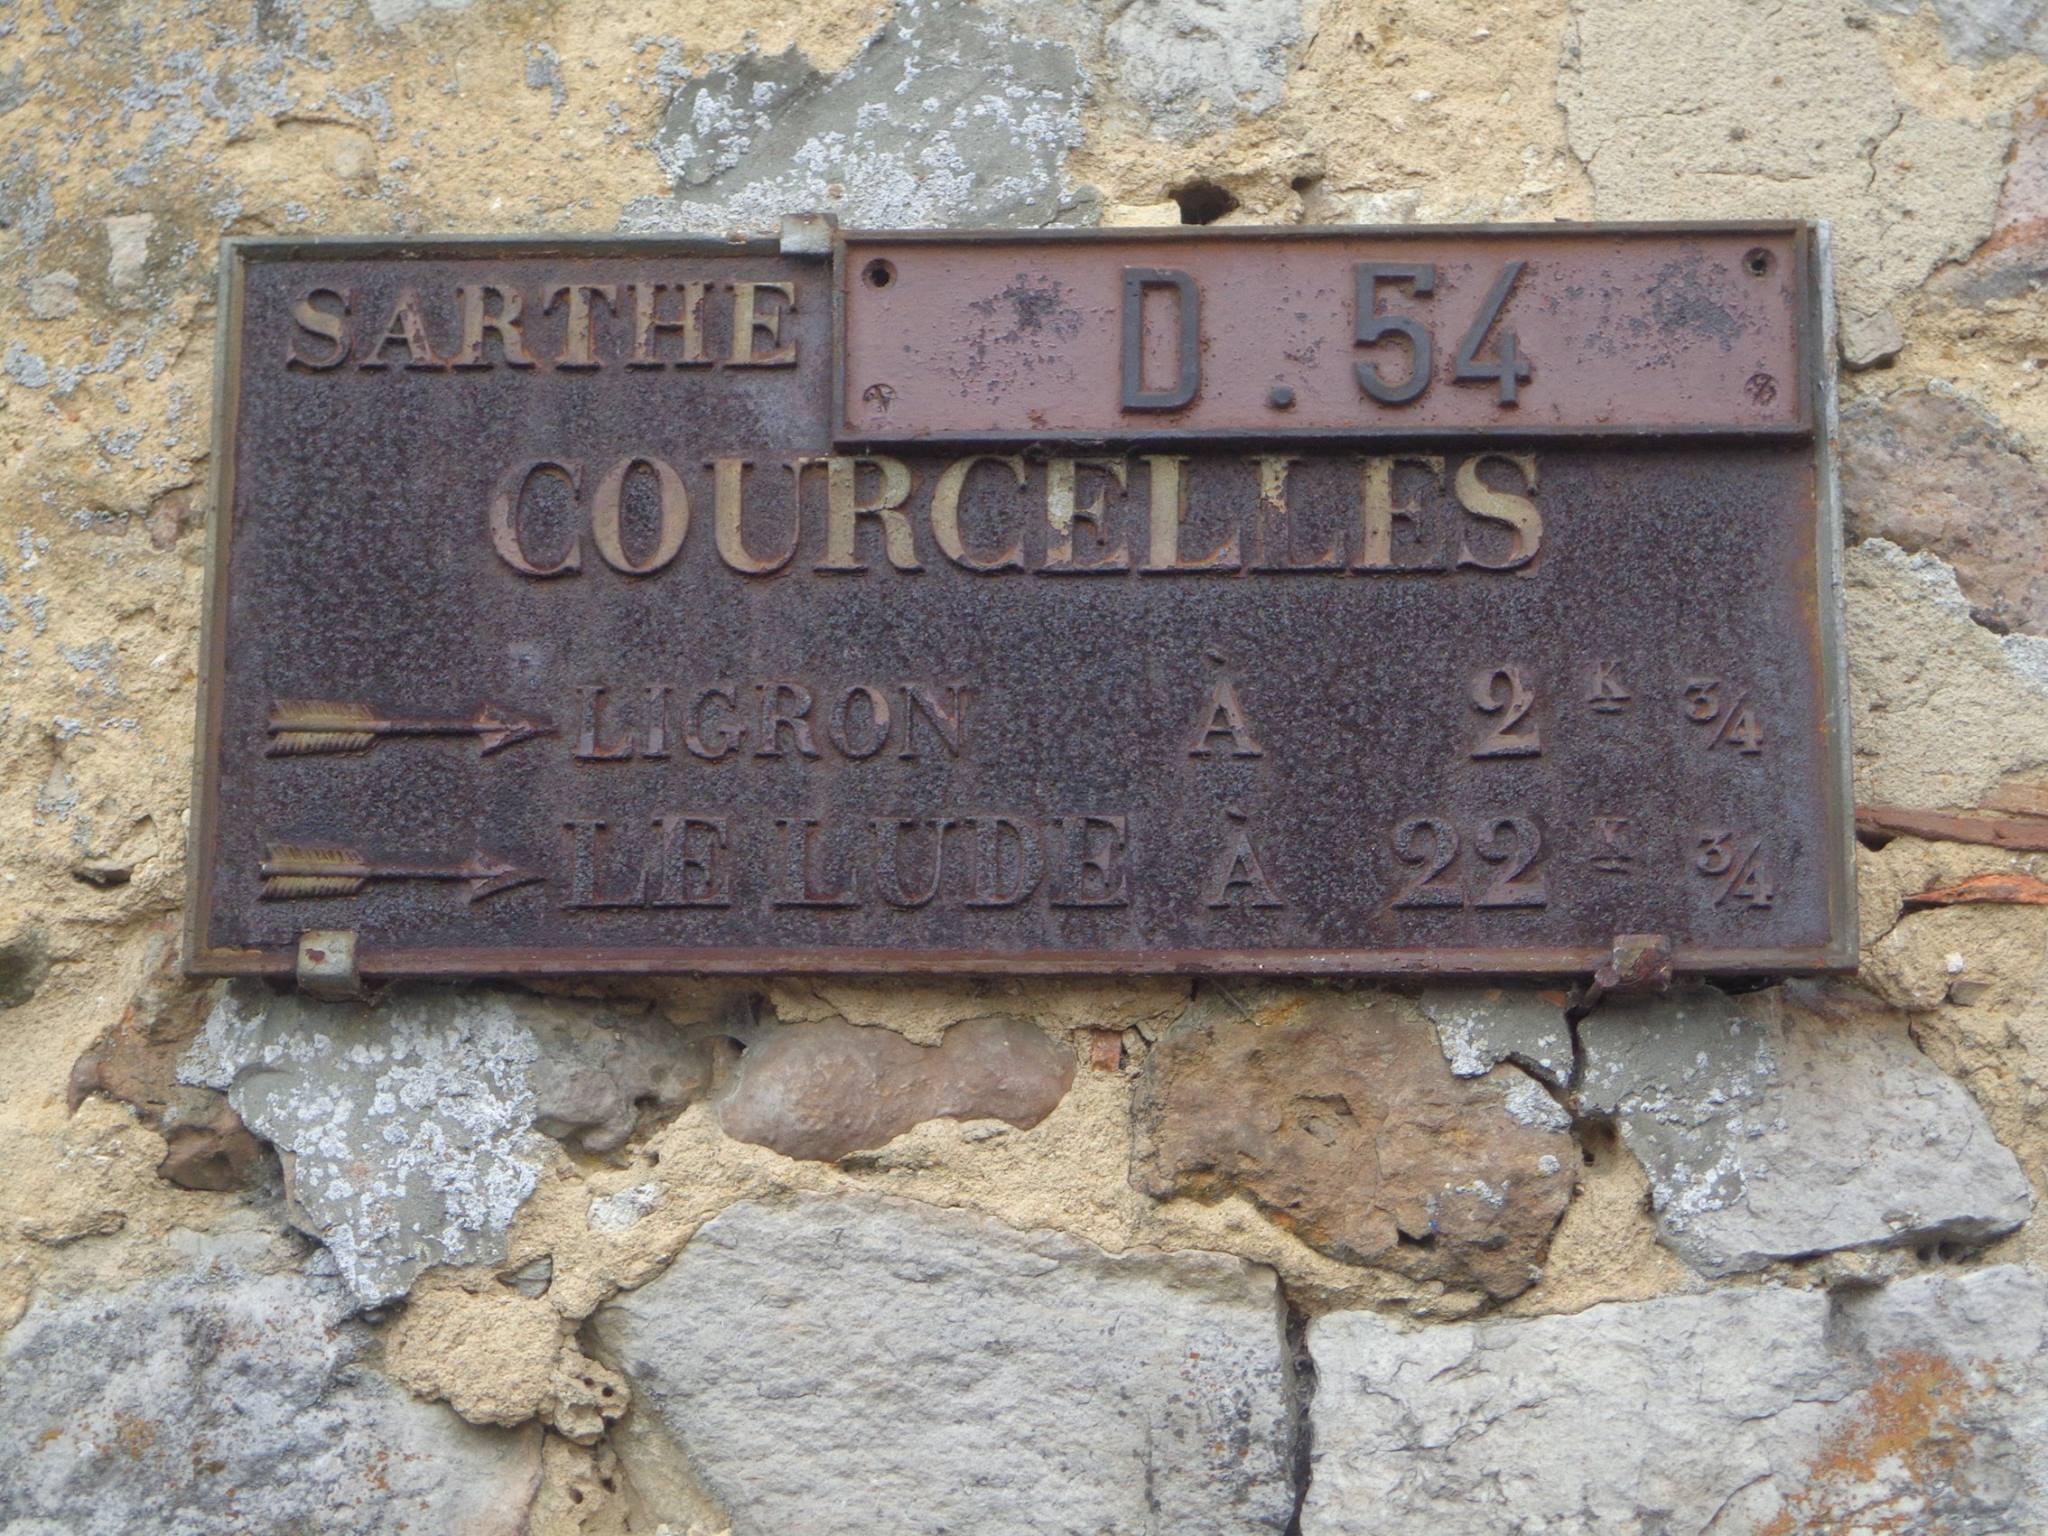 Courcelles la Forêt - Plaque de cocher - Ligron - Le Lude (Marie-Yvonne Mersanne)